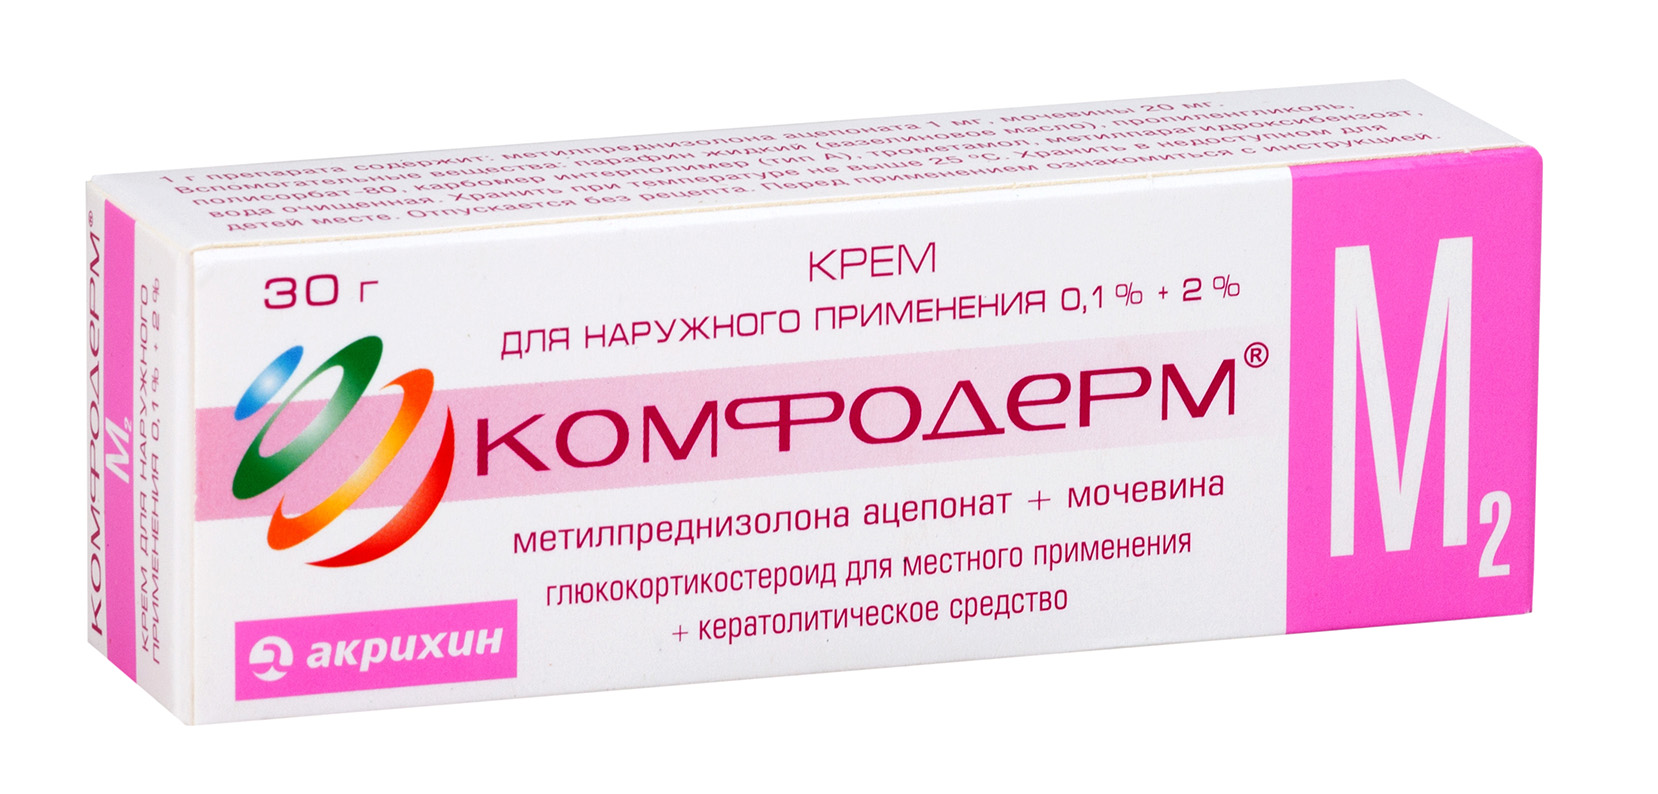 Комфодерм к крем 0,1% 30г